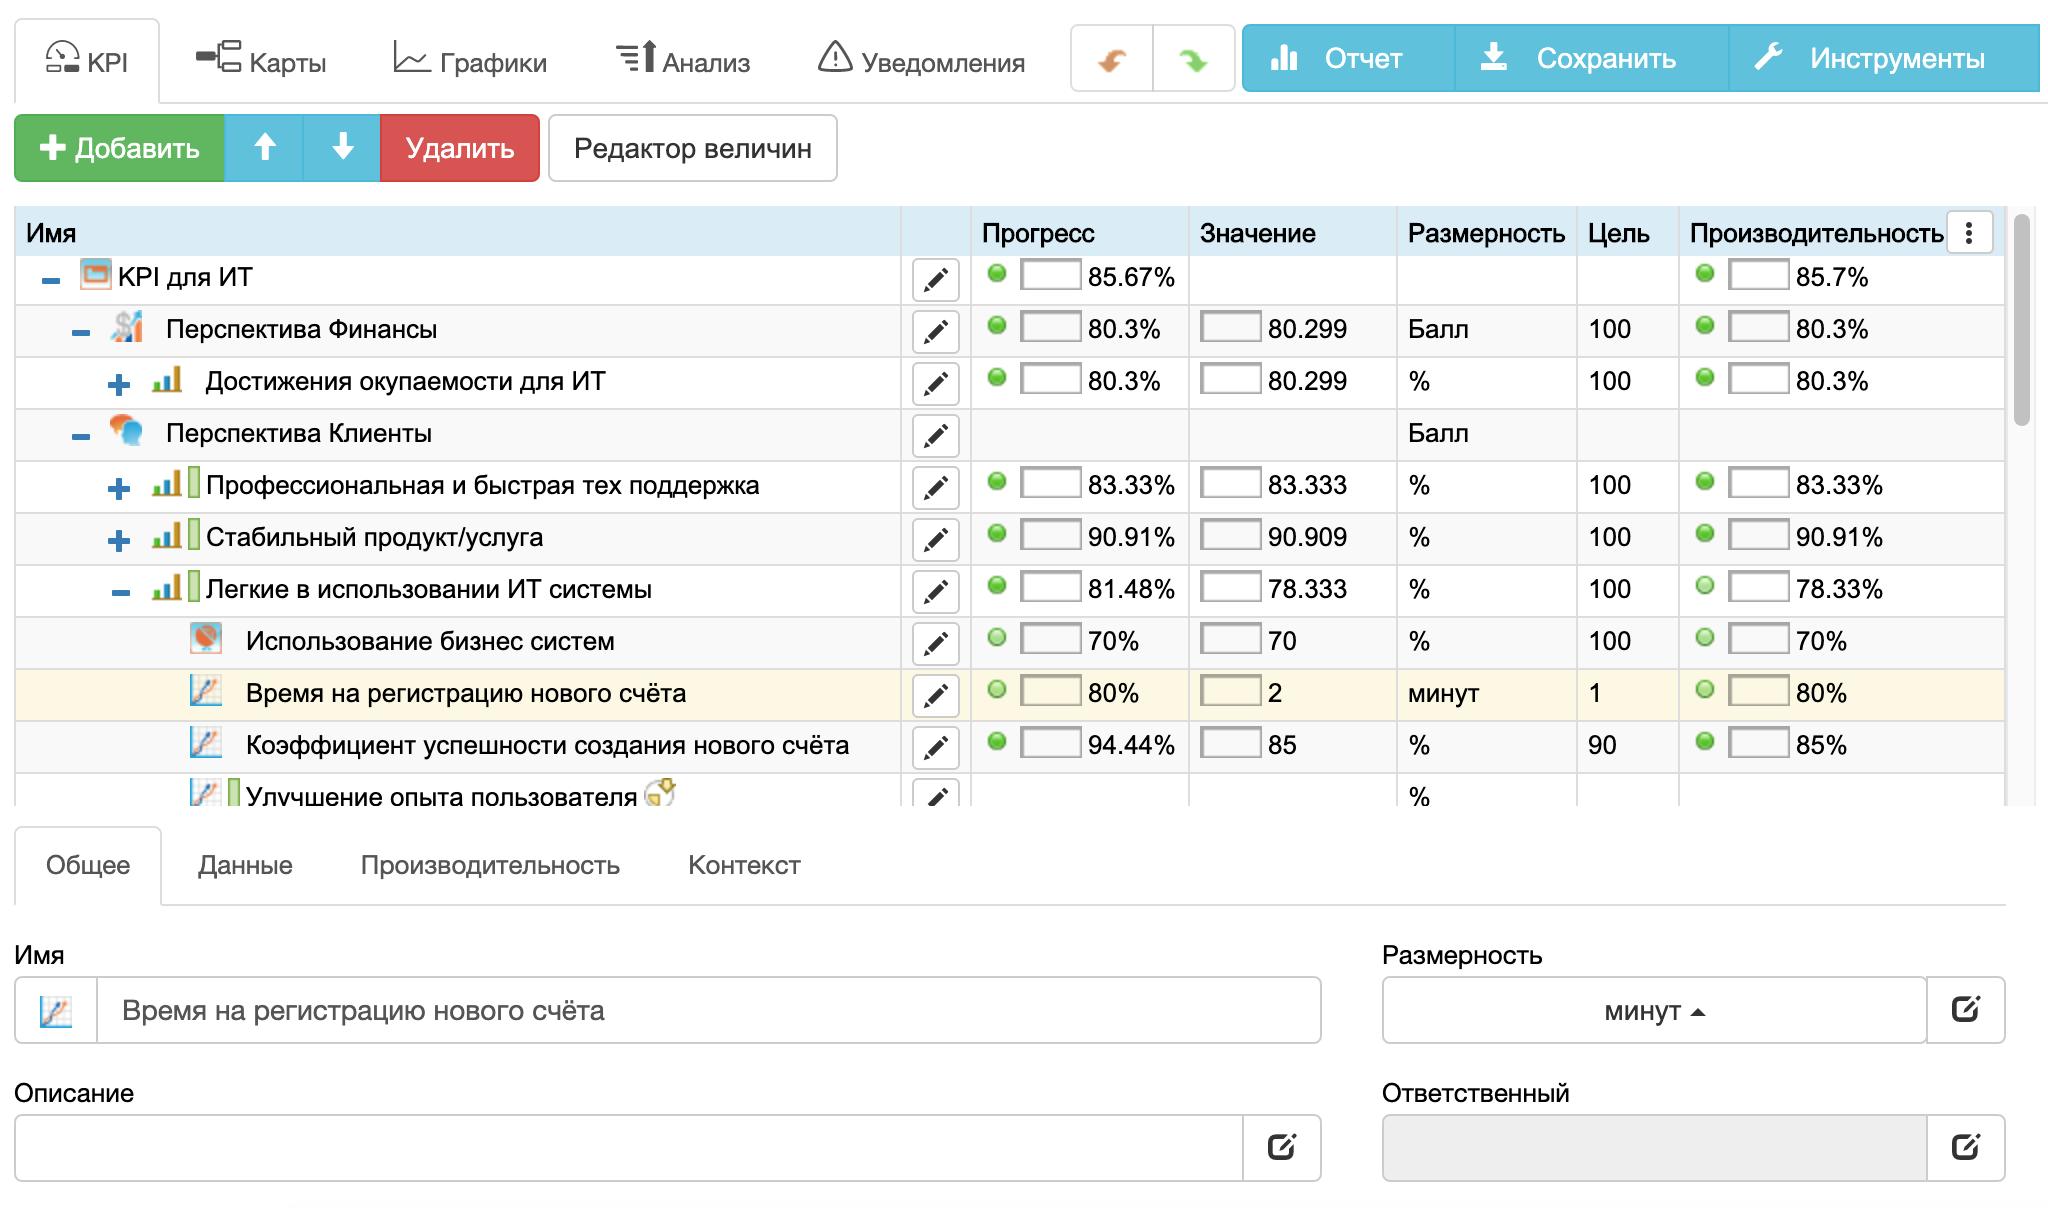 ИТ KPI: индикаторы для ИТ в BSC Designer